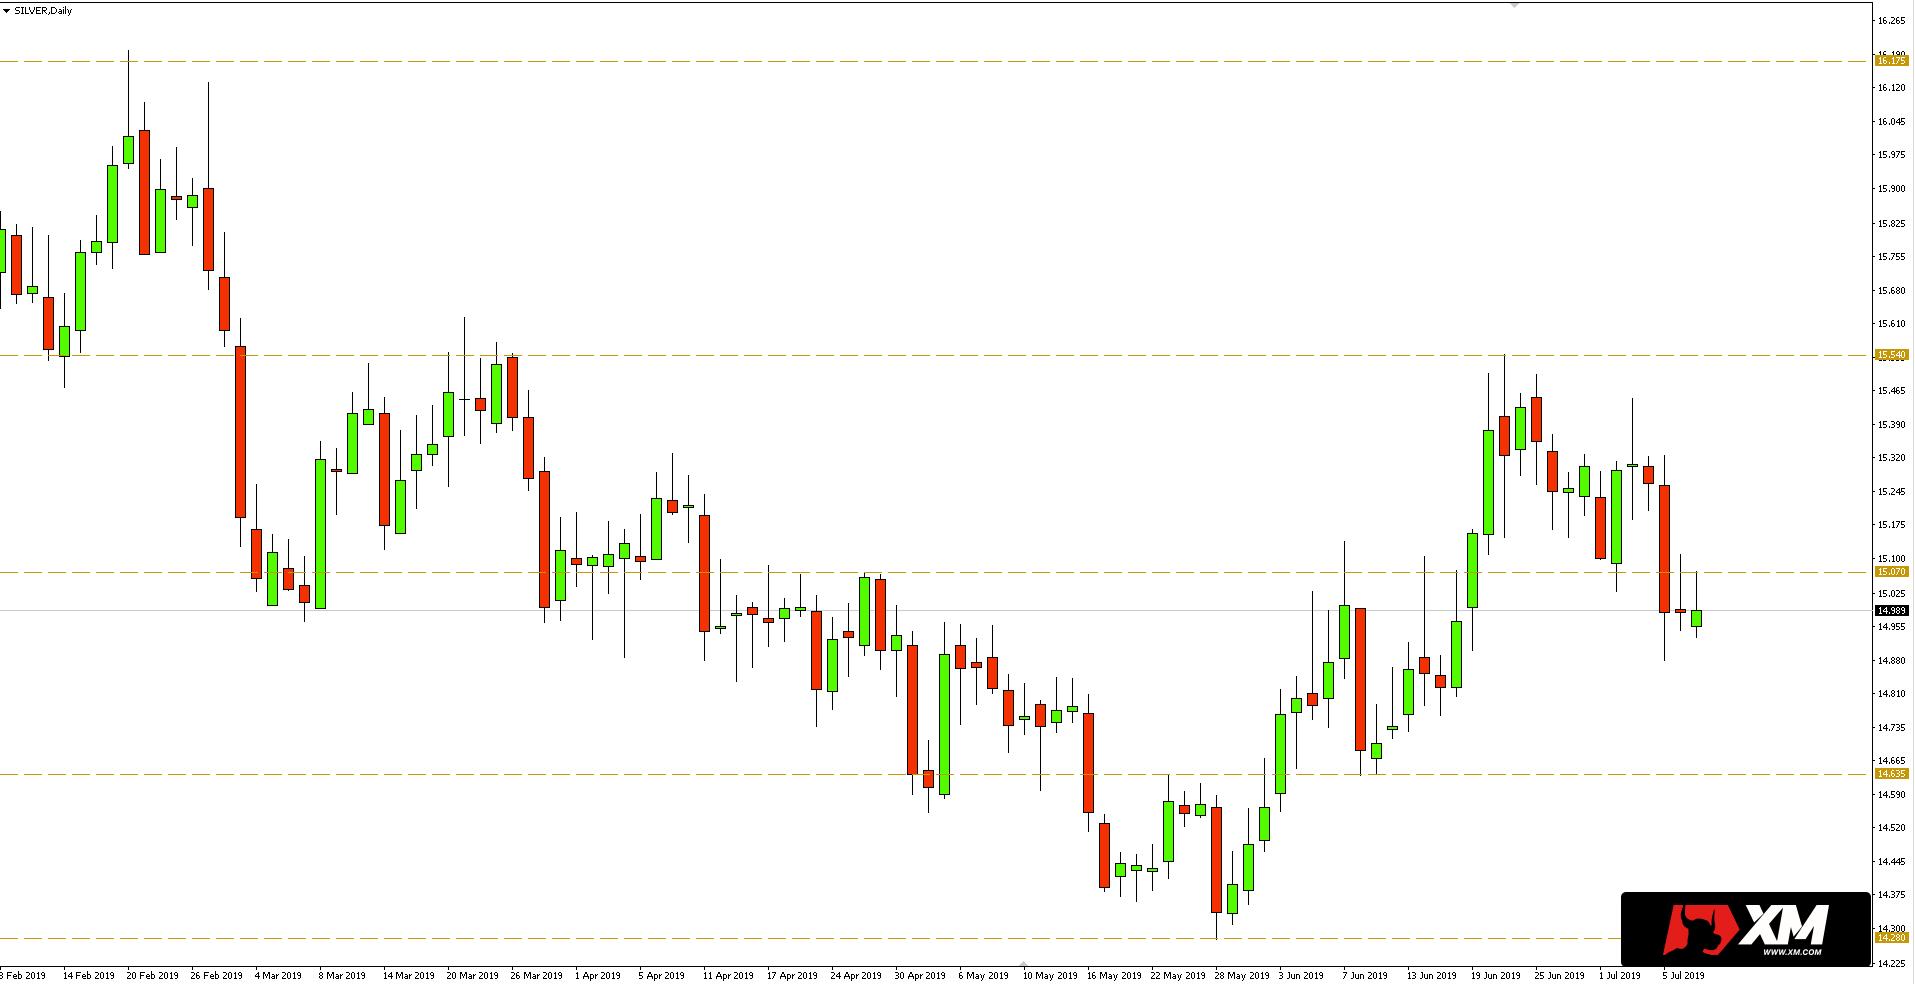 Kurs srebra do dolara (XAG/USD) - wykres dzienny - 9 lipca 2019